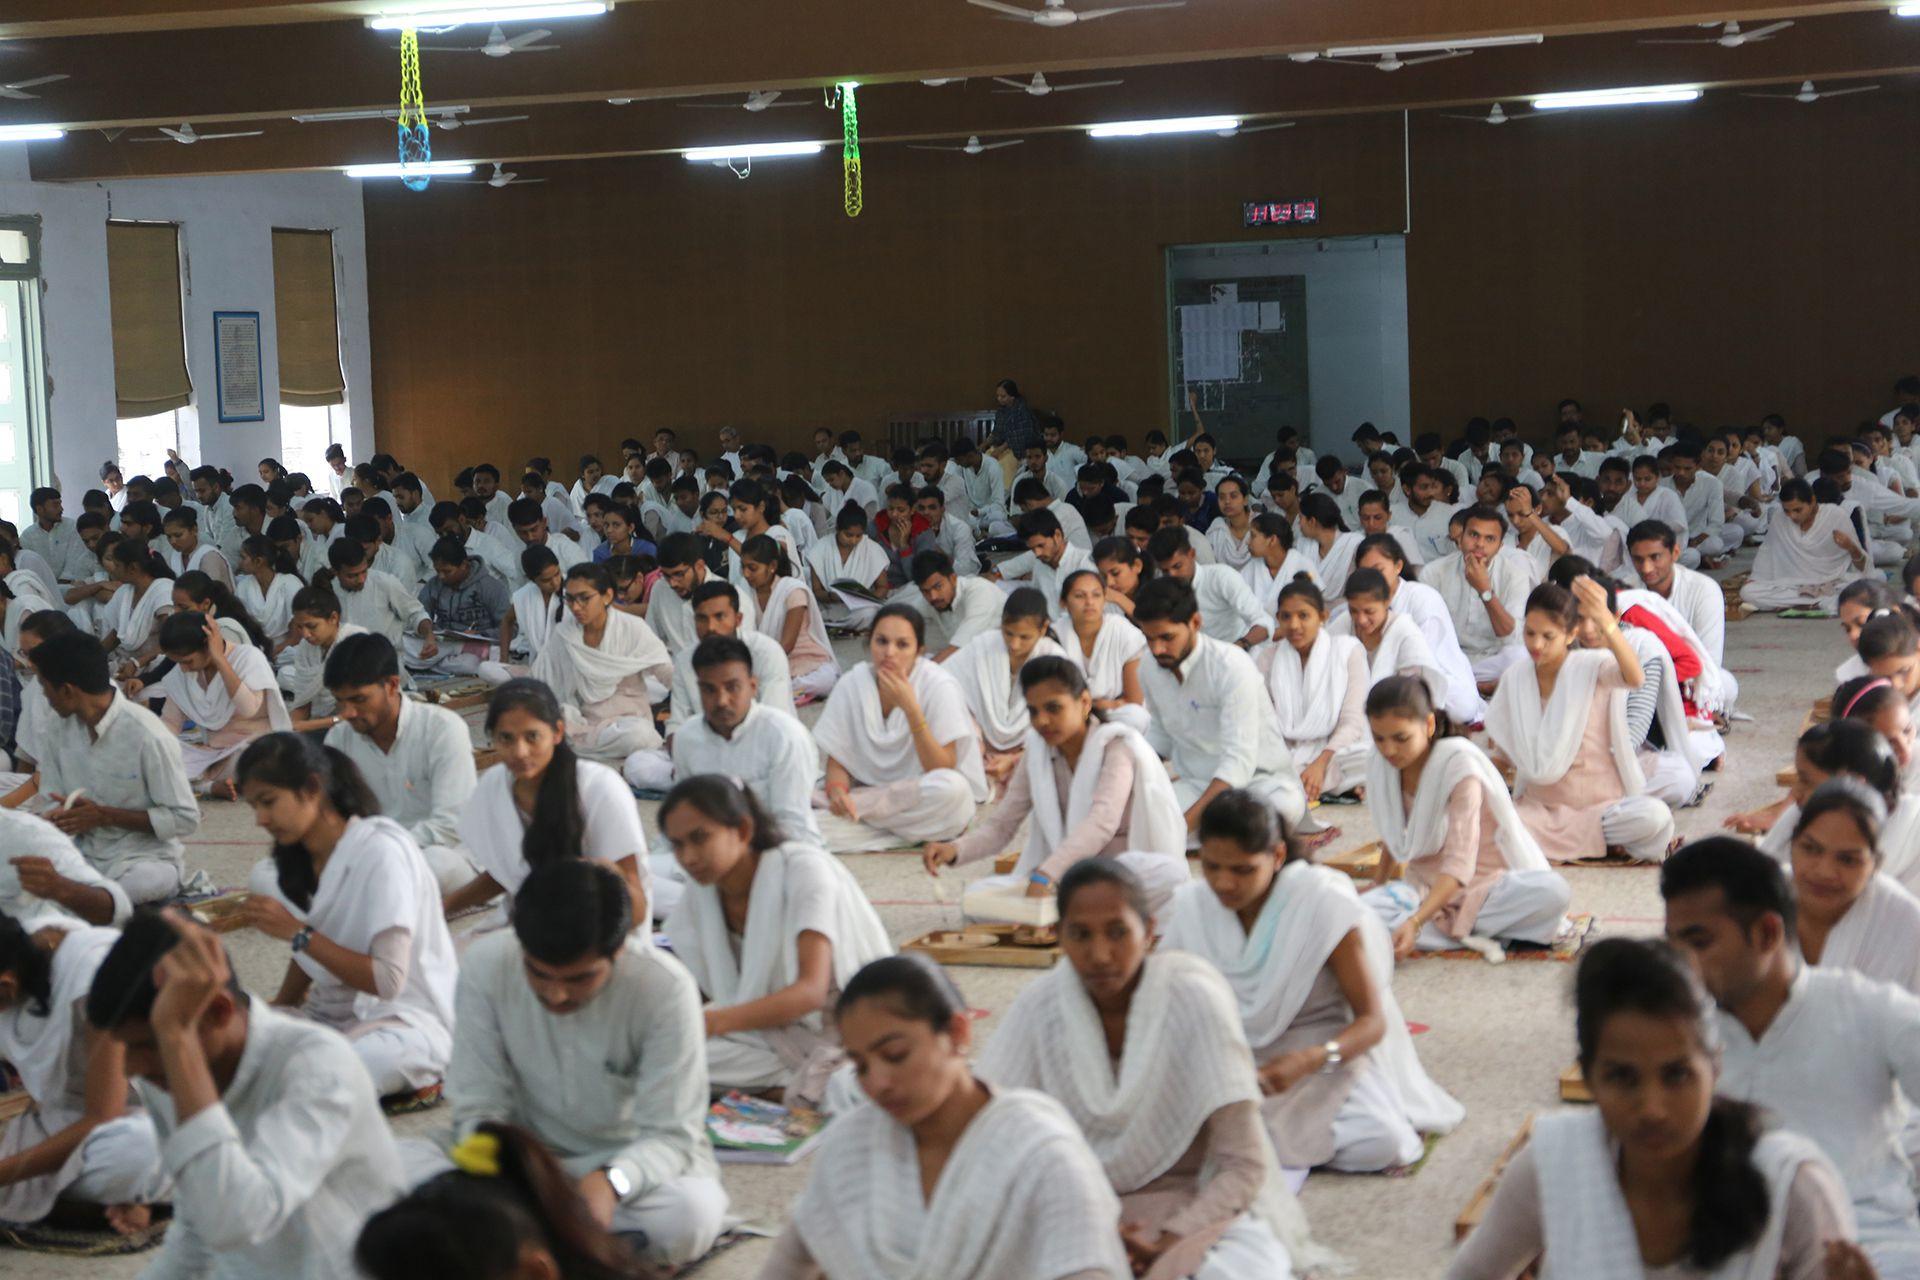 1920年にガンジーが創設したGujarat Vidyapith大学では、現在も教師と学生がカディを身に着け、授業の一環としてキサン・チャルカで糸を紡ぐ。